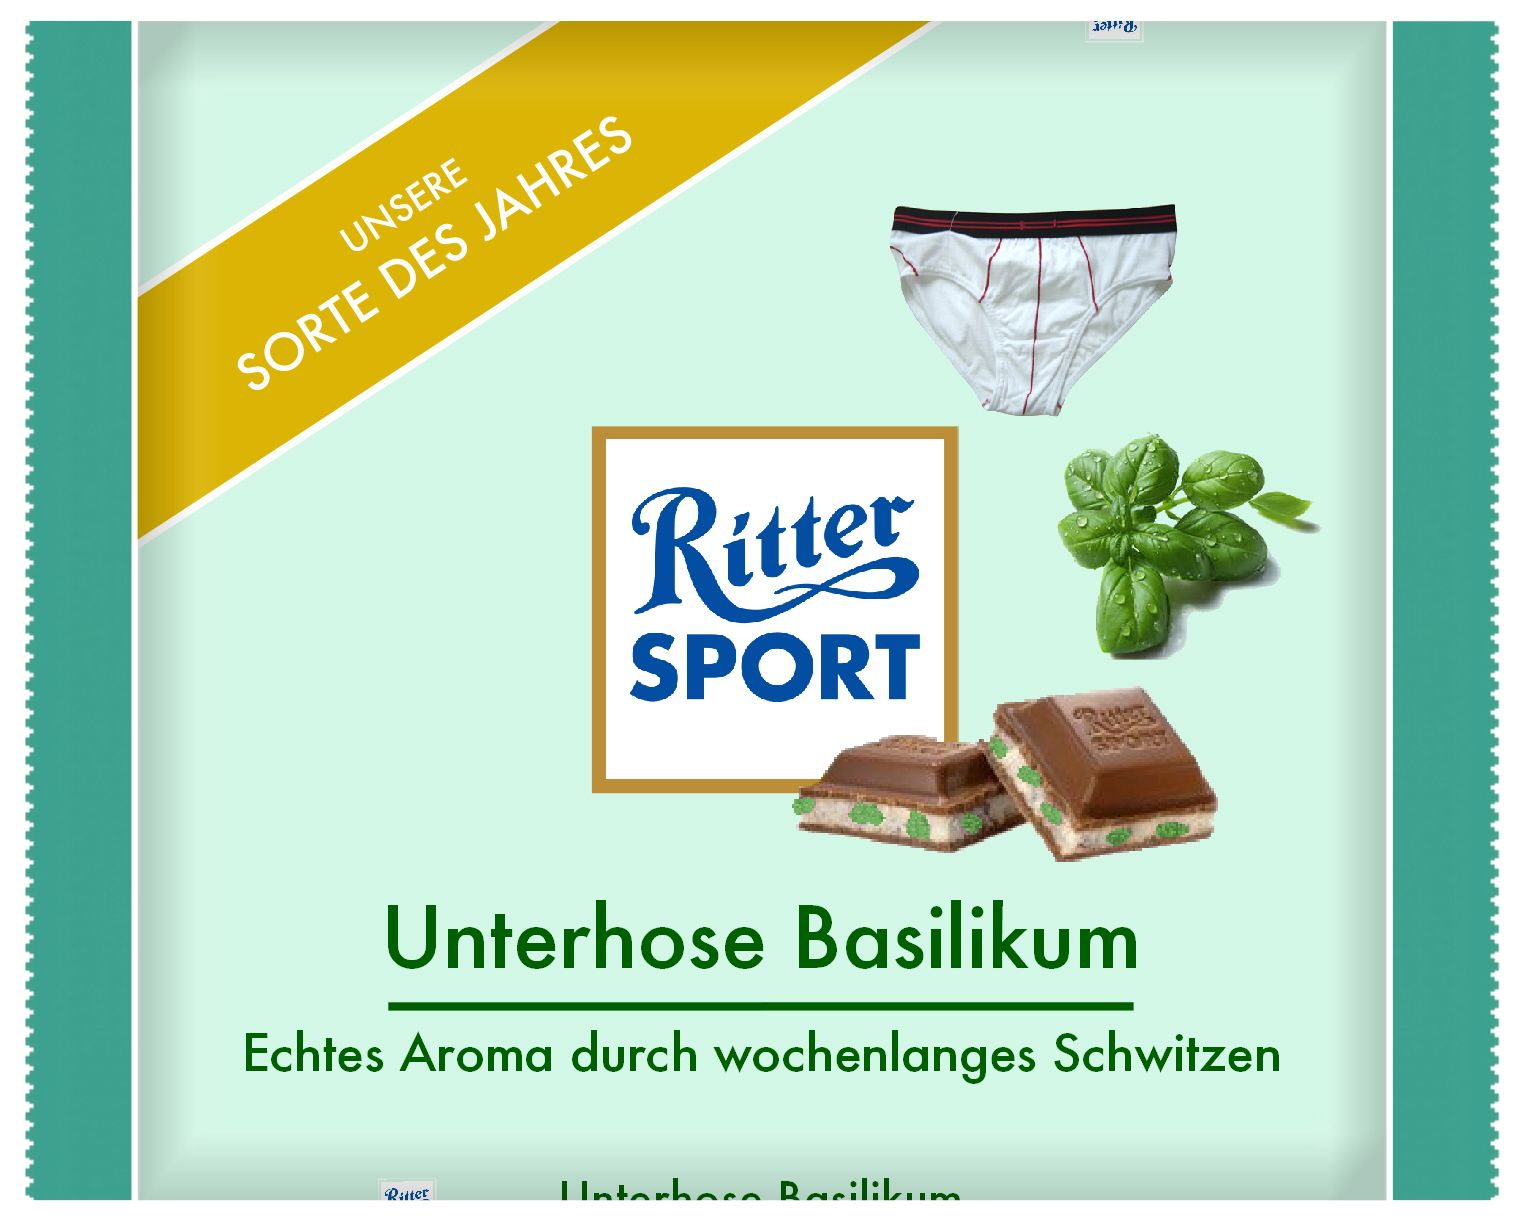 Lustige Bilder Ritter Sport